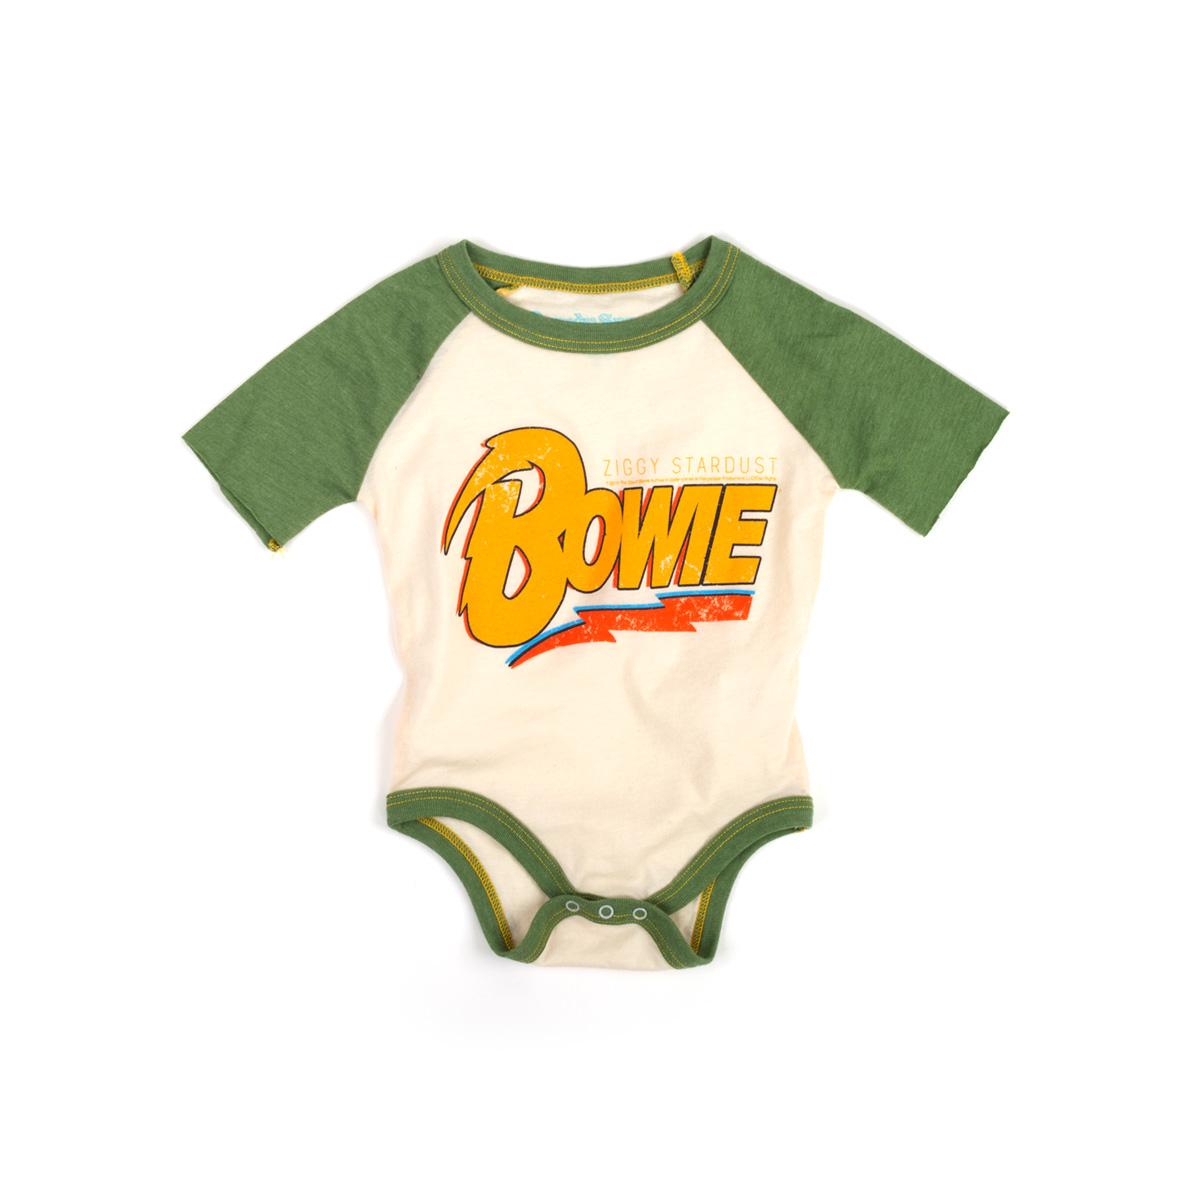 David Bowie Logo Onesie